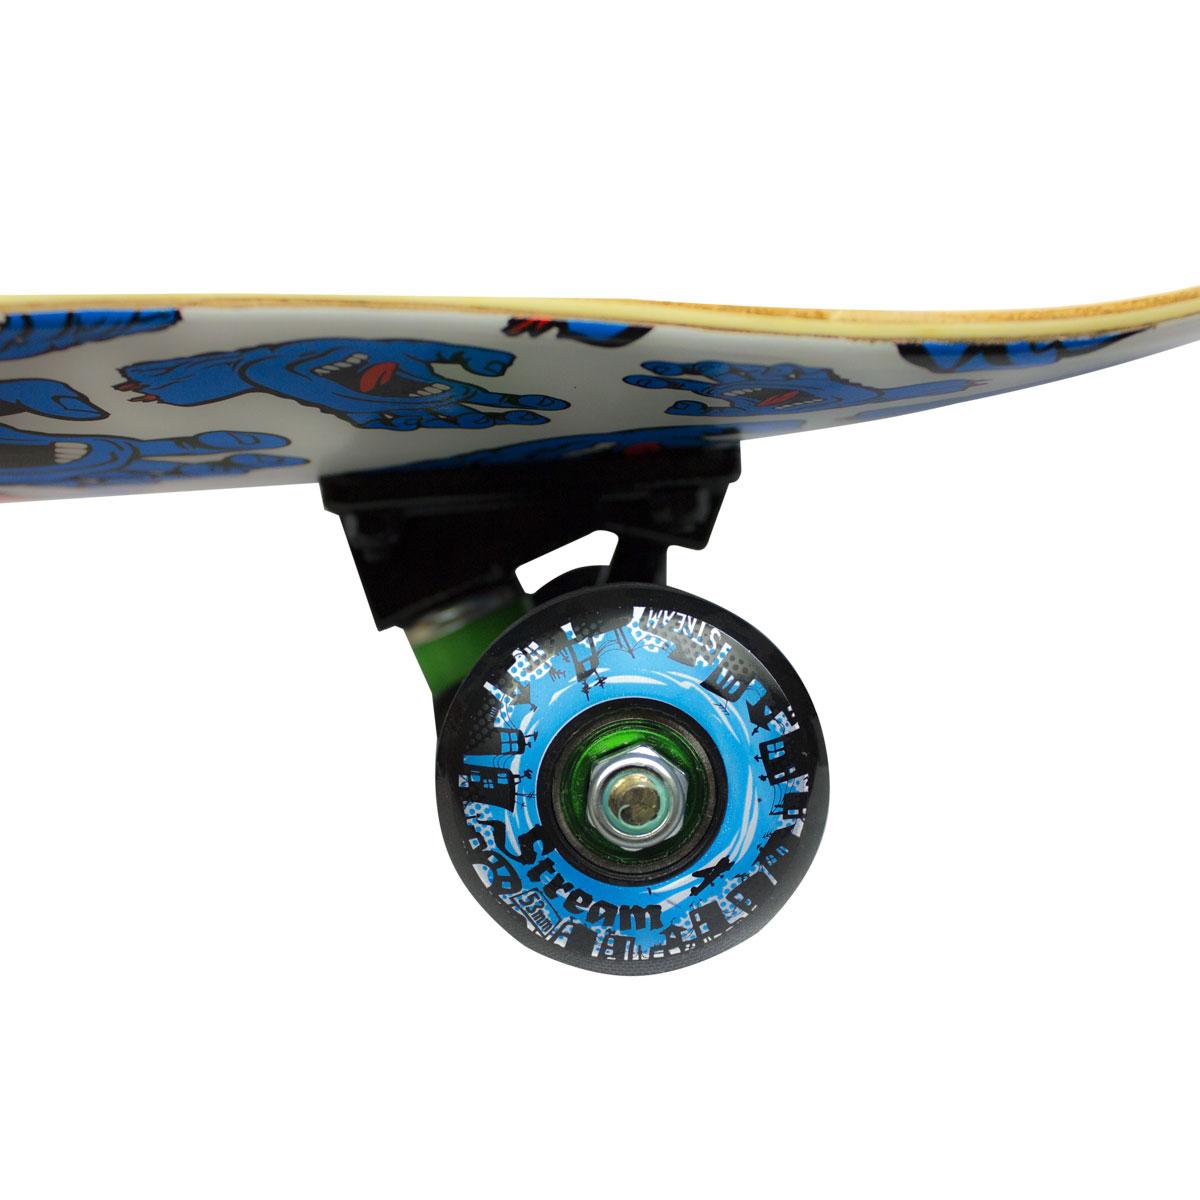 Skate Santa Cruz Completo Roda Black Sheep Rolamento Abec9